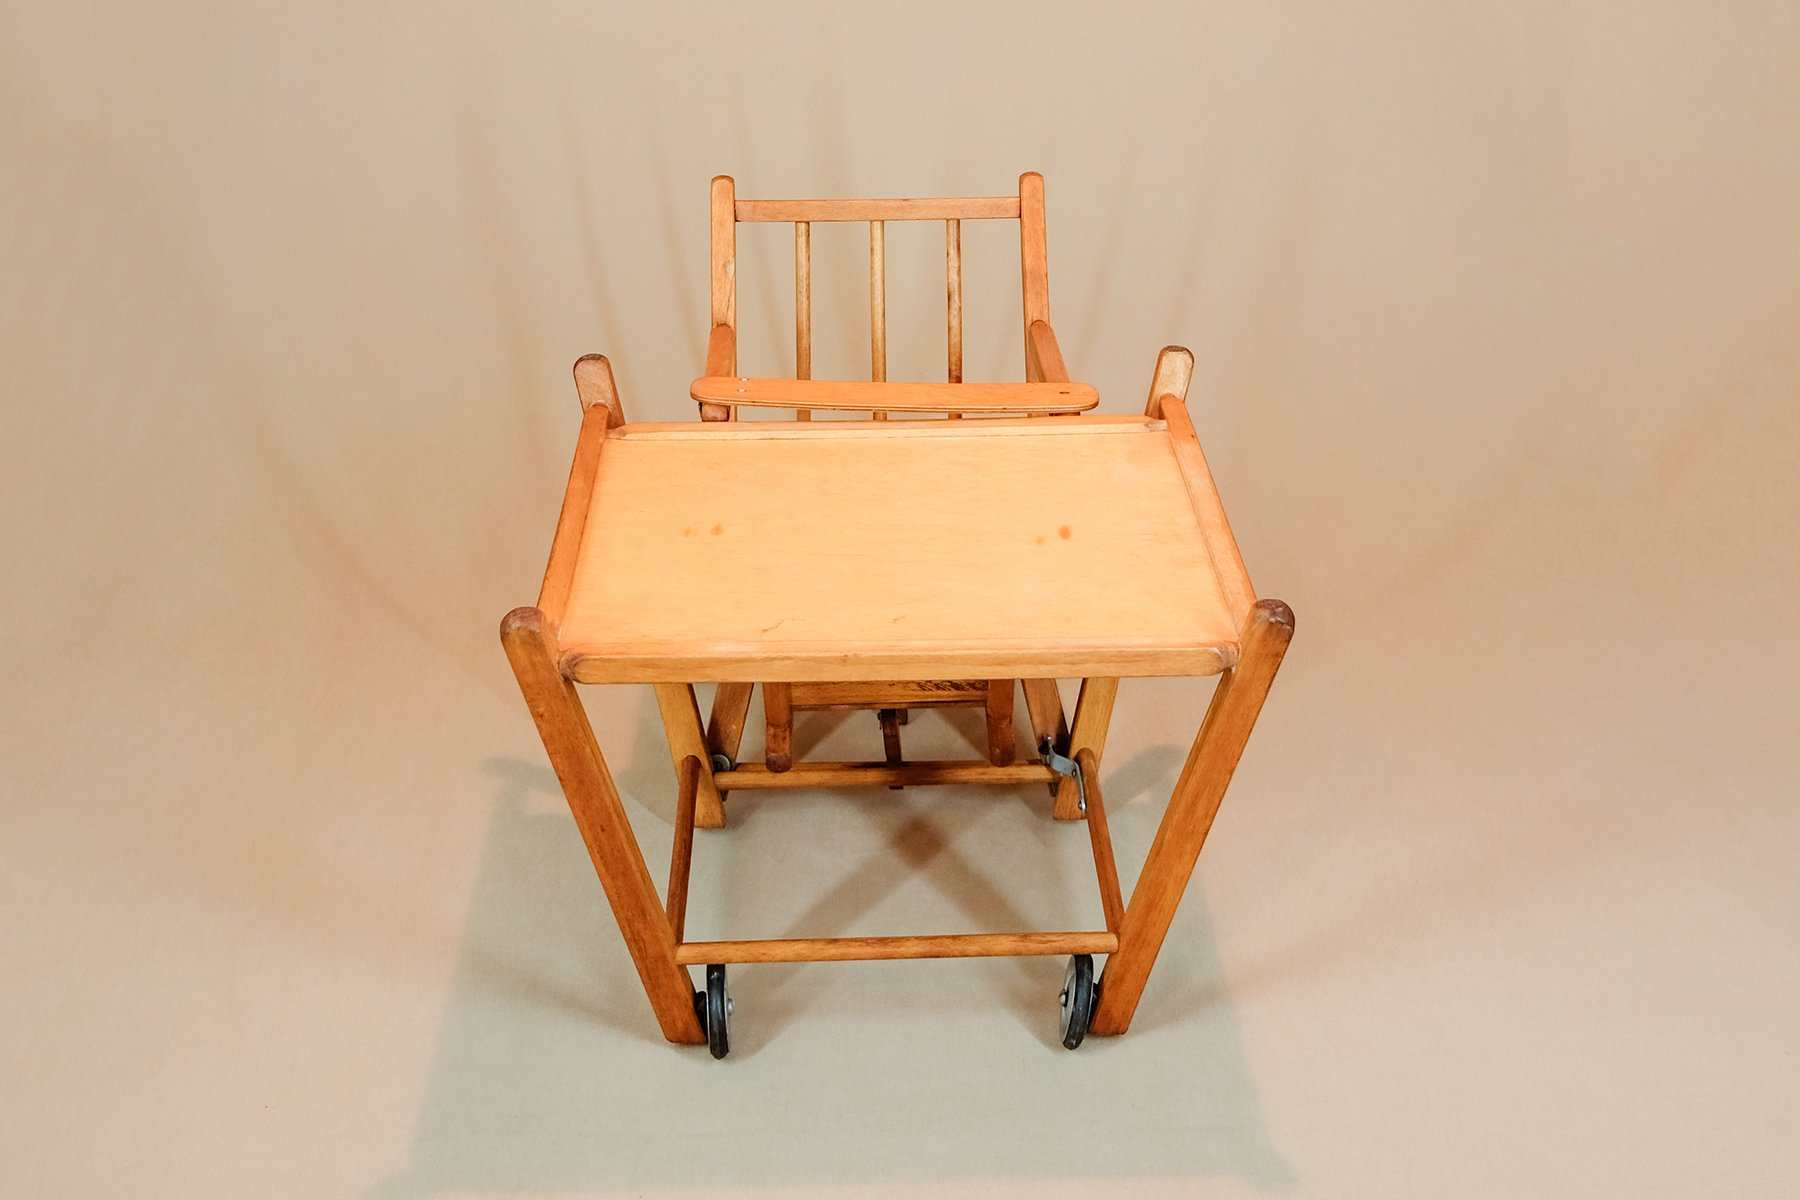 Hochstuhl Mit Plastiktisch ~ Kinderhochstuhl mit tisch tissi hochstuhl natur jetzt zum